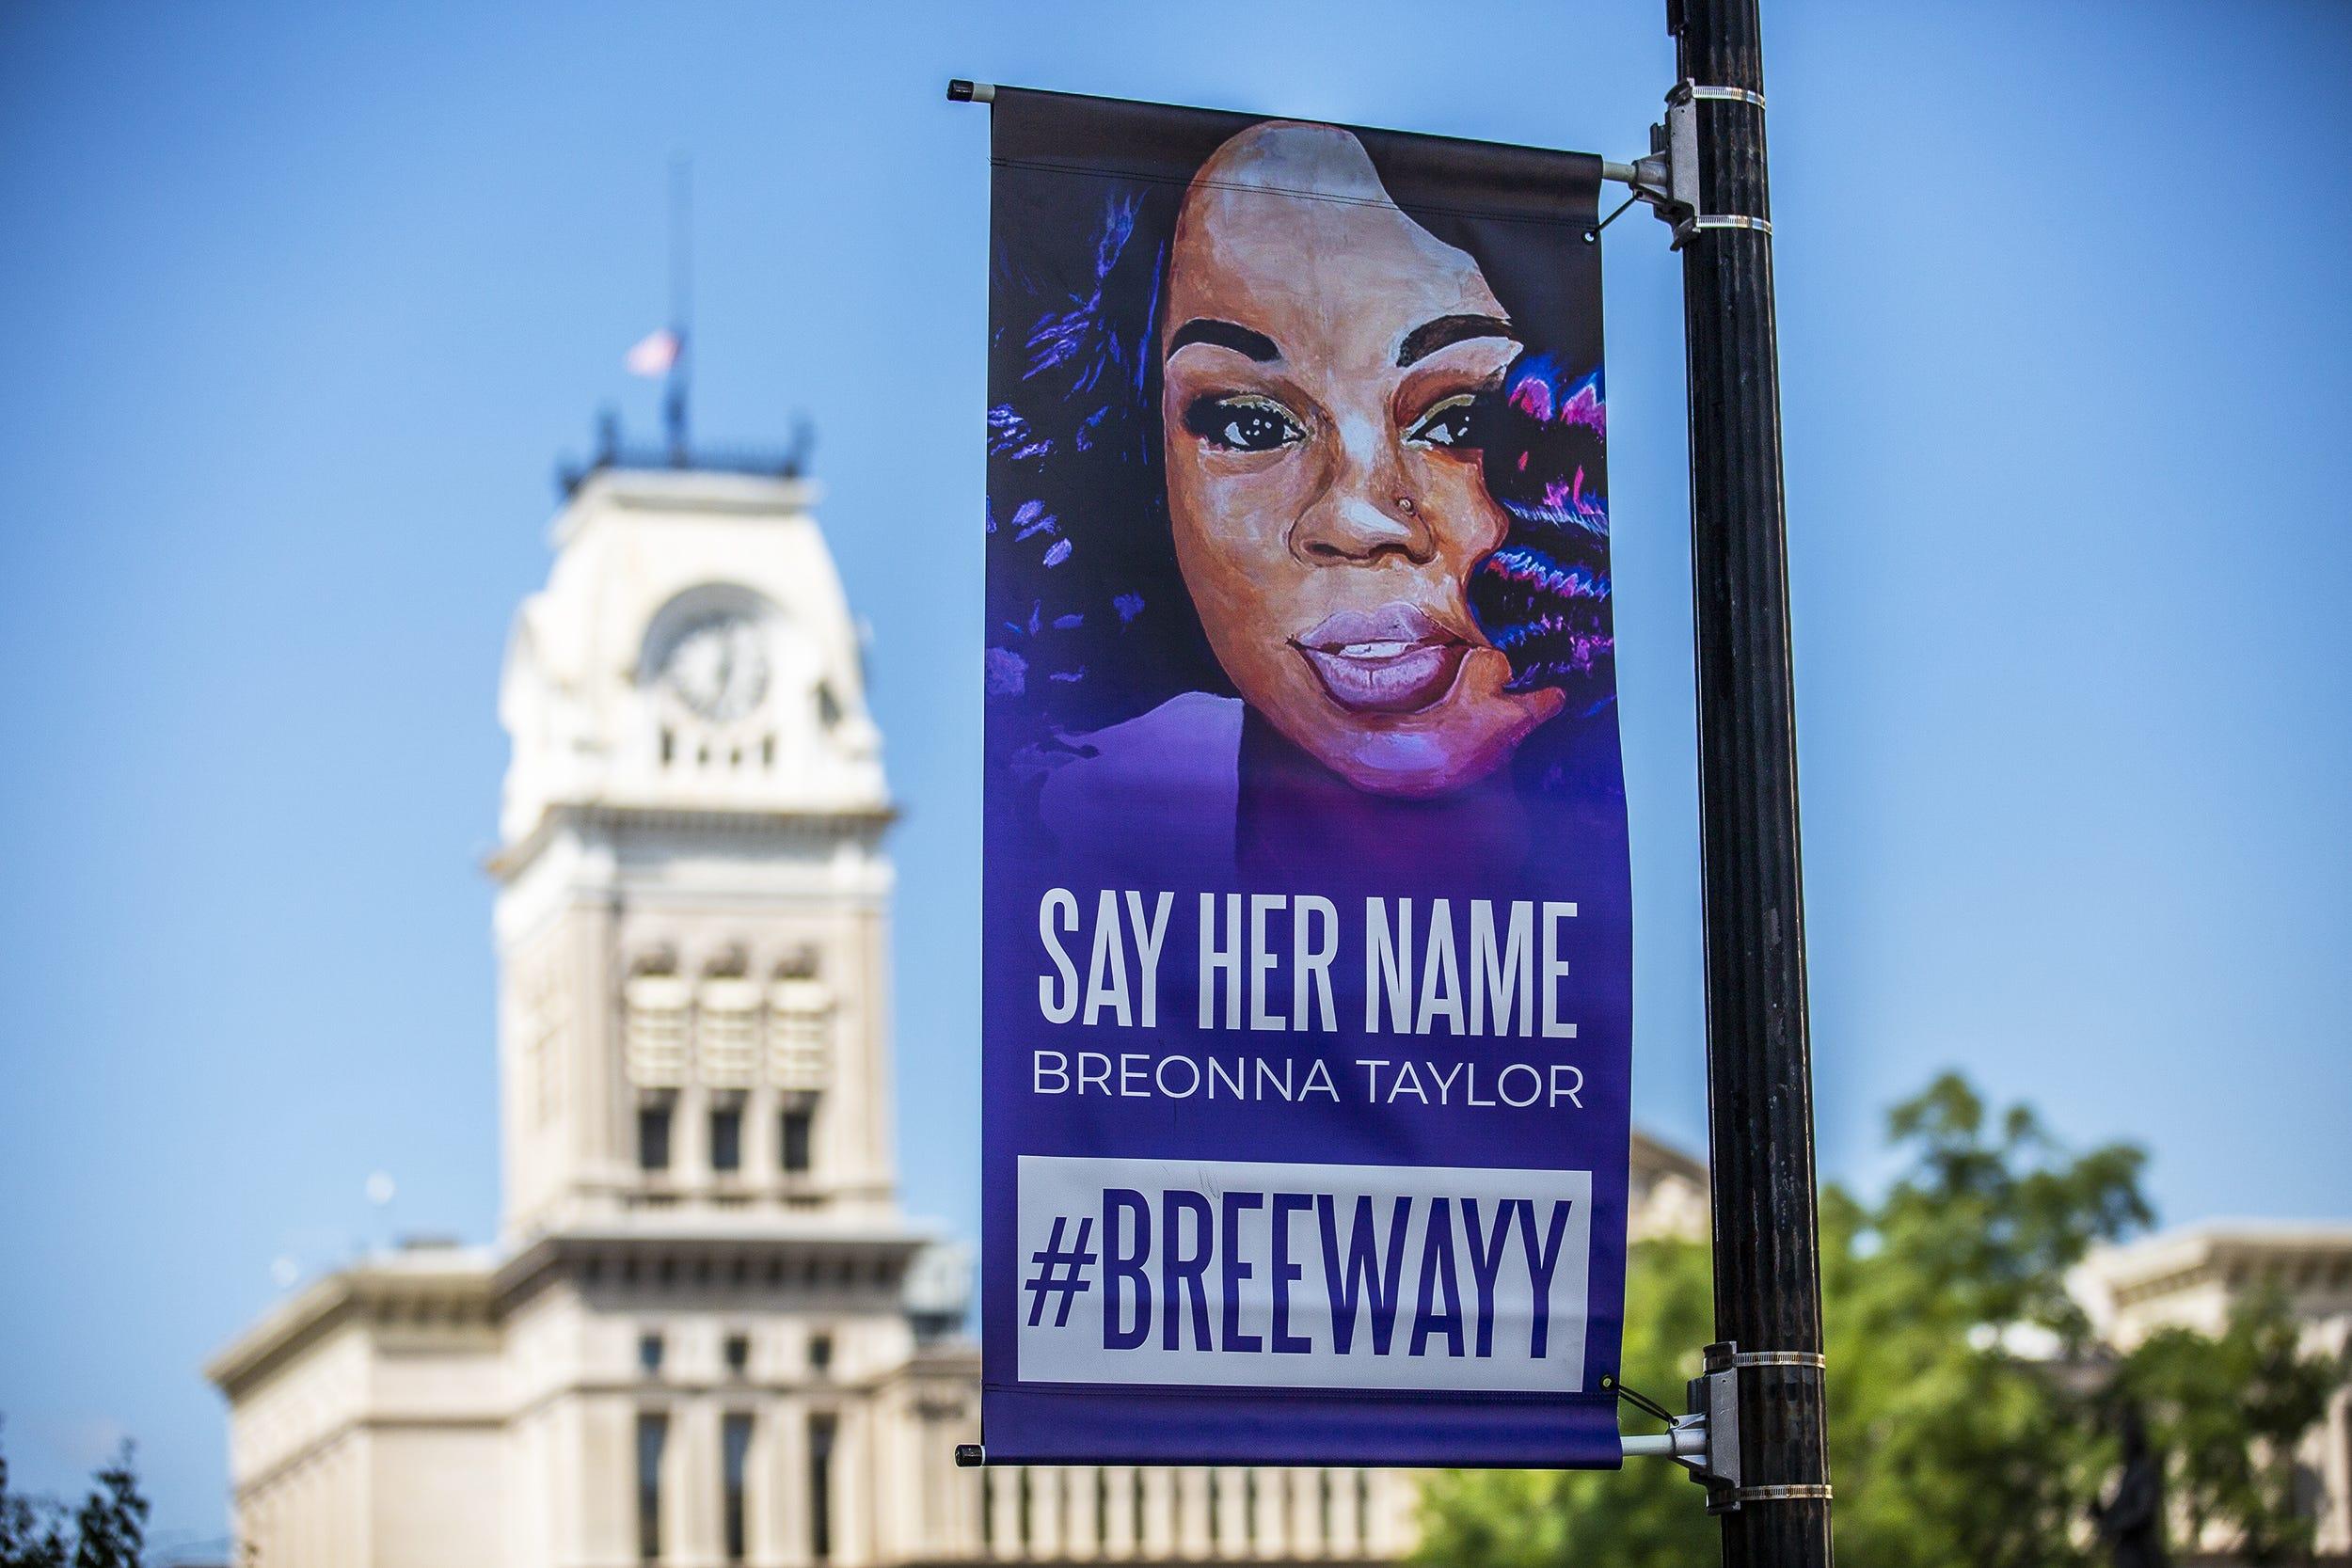 Breewayy